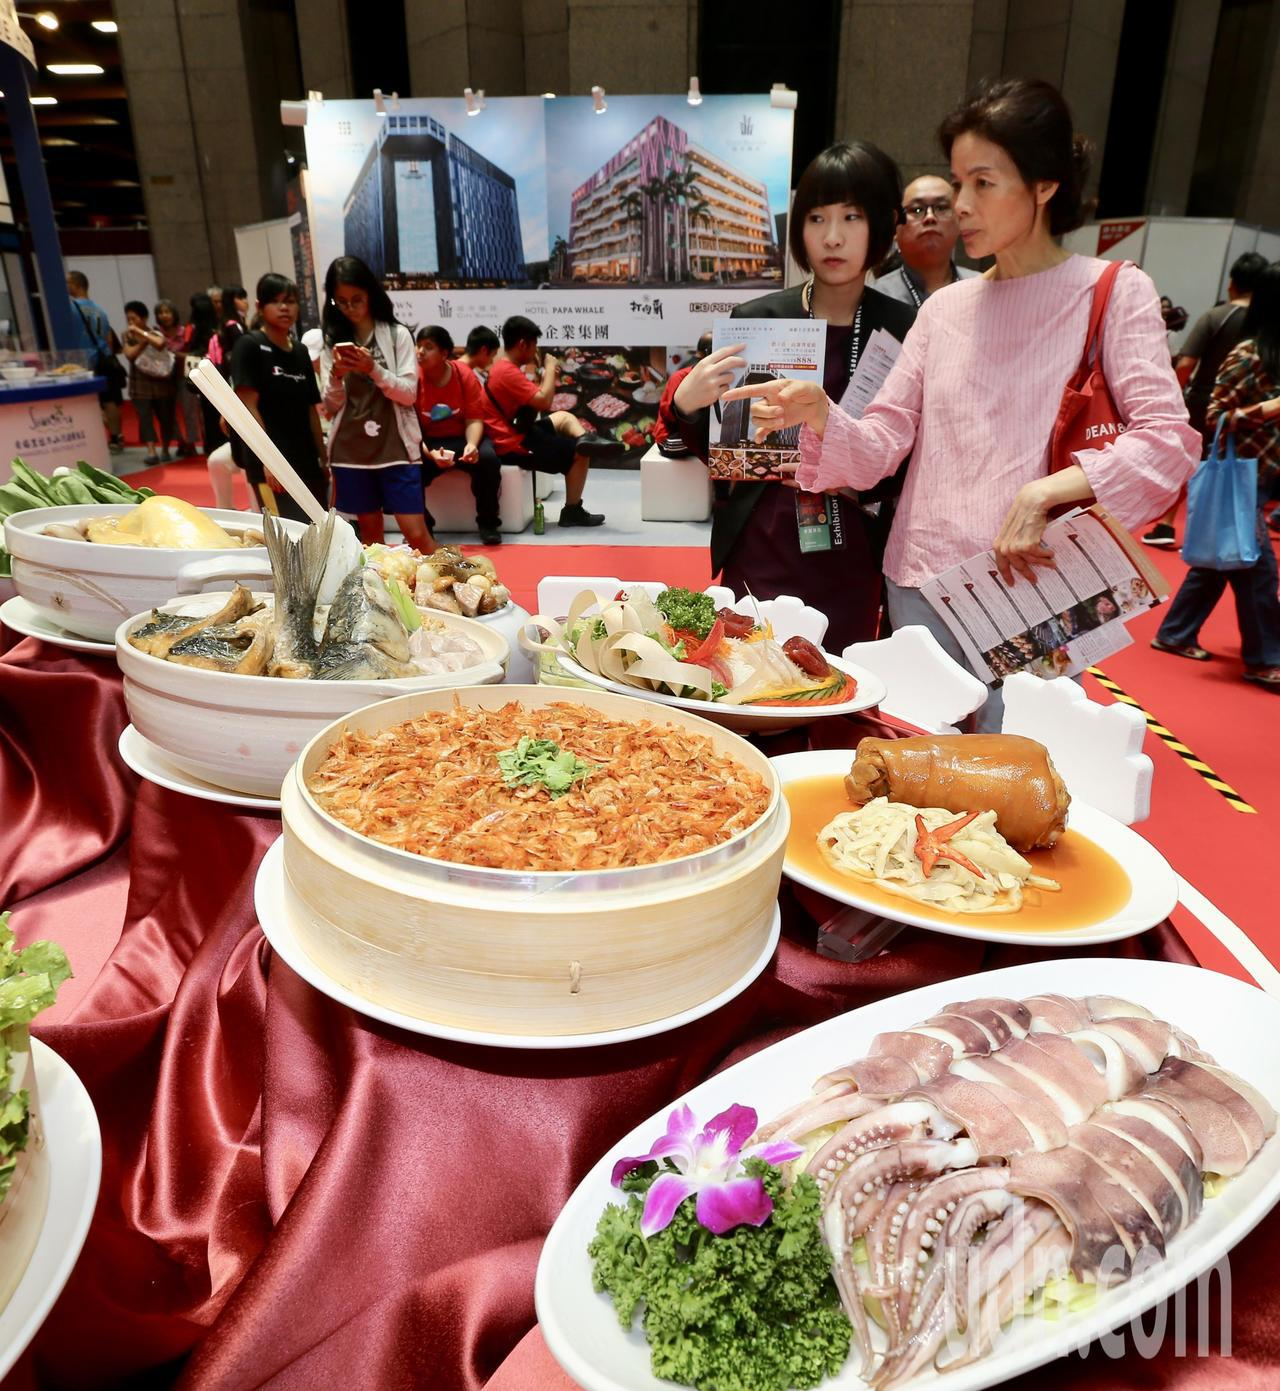 台灣美食展開幕,吸引不少民眾前往參觀撿便宜。記者許正宏/攝影